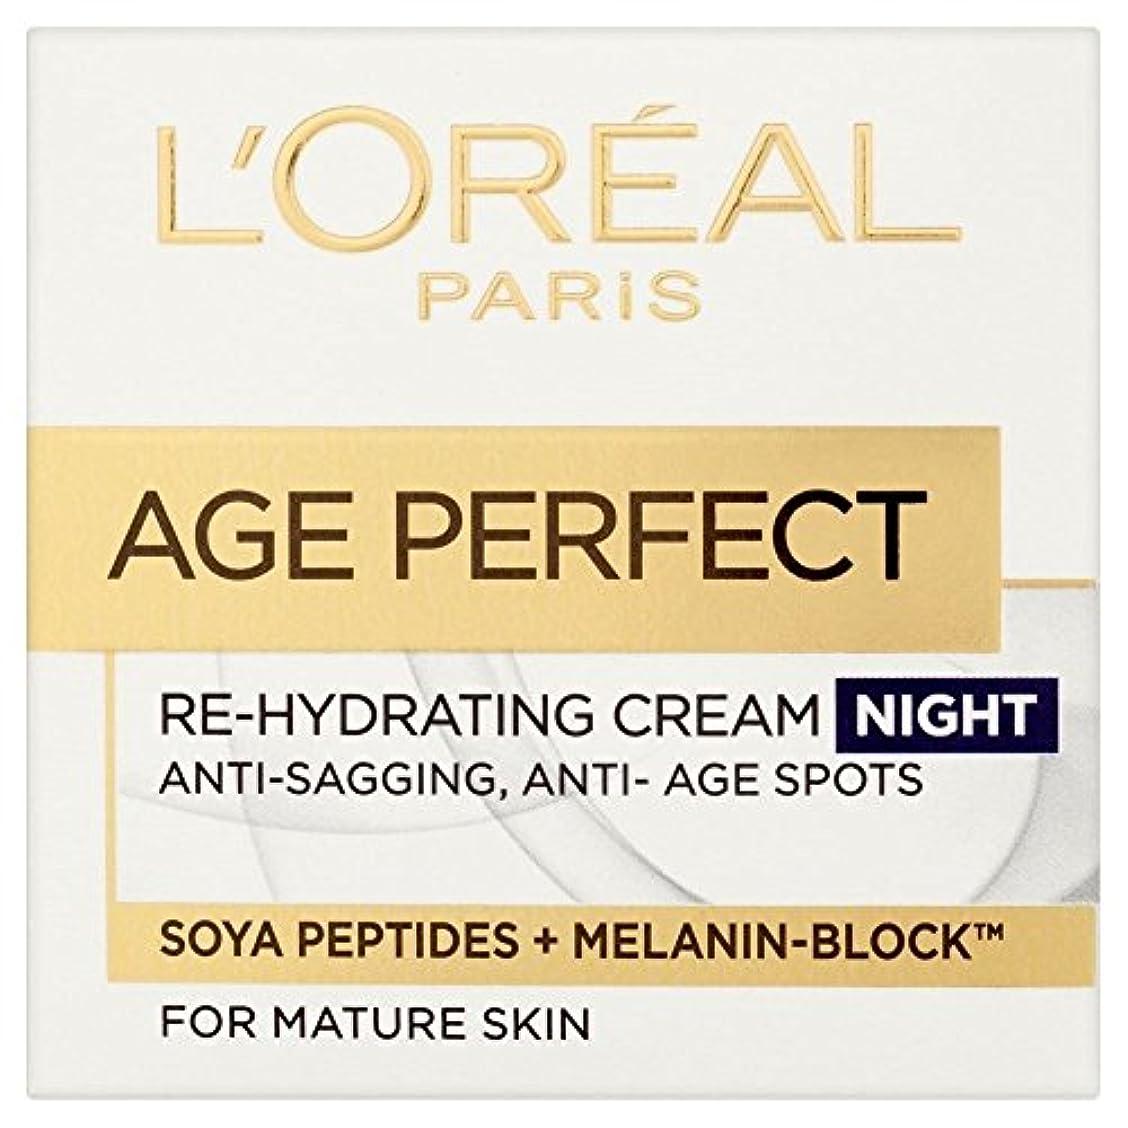 ジャンル見せます高潔なL'Oréal Paris Alter Perfekte Pro-Calcium-Stärkende Nachtcreme 50 Ml - Packung mit 2